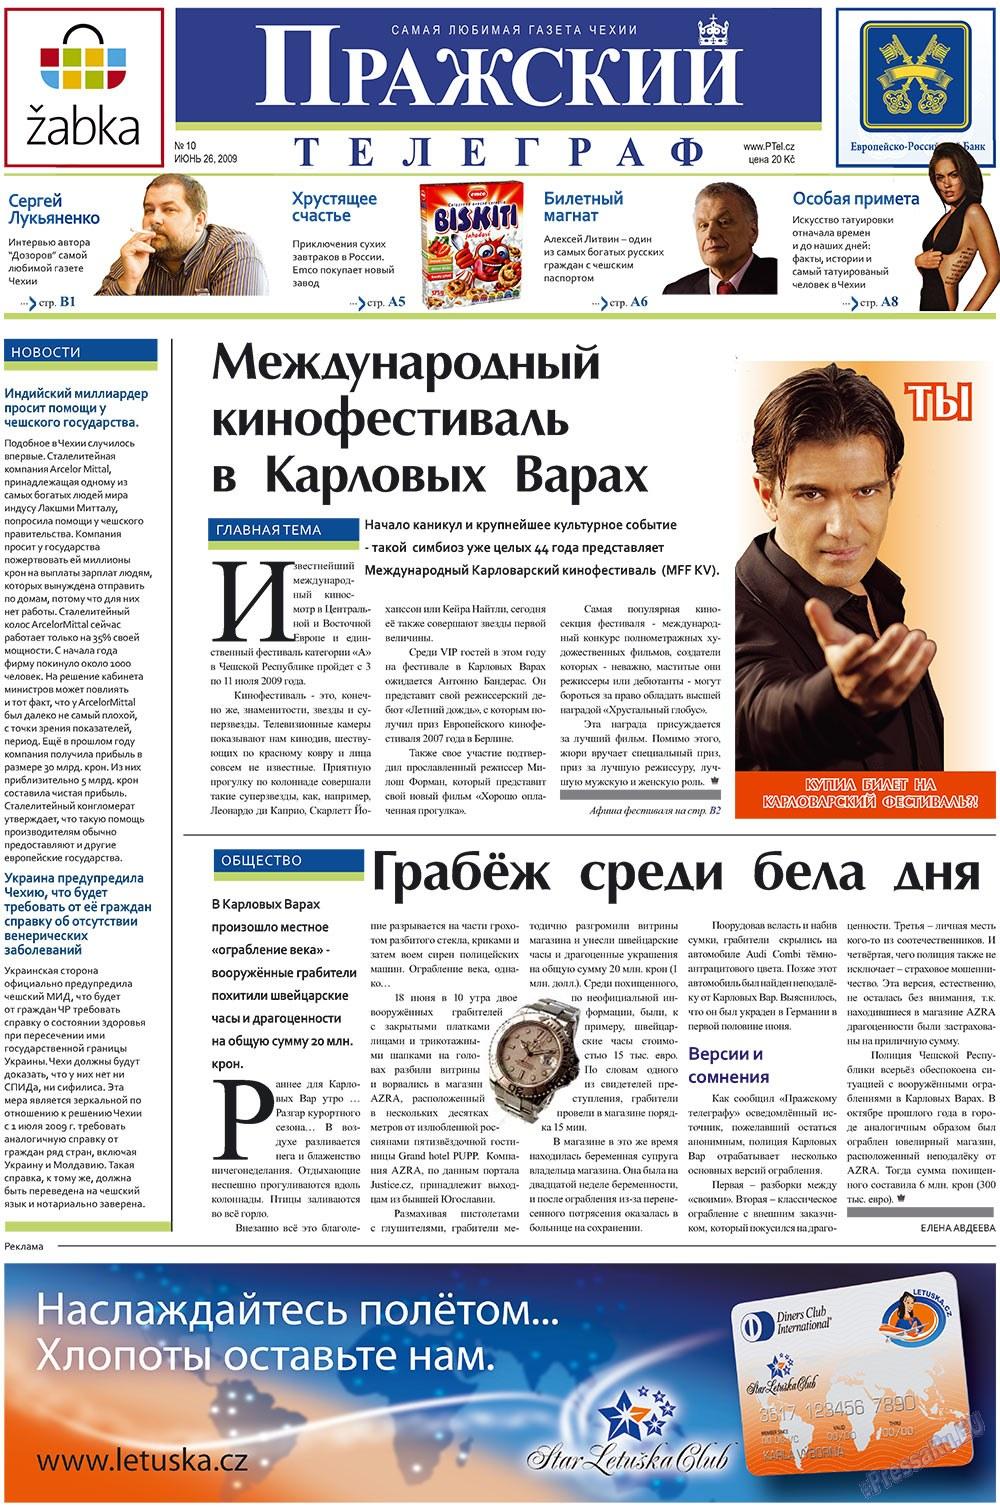 Пражский телеграф (газета). 2009 год, номер 10, стр. 1